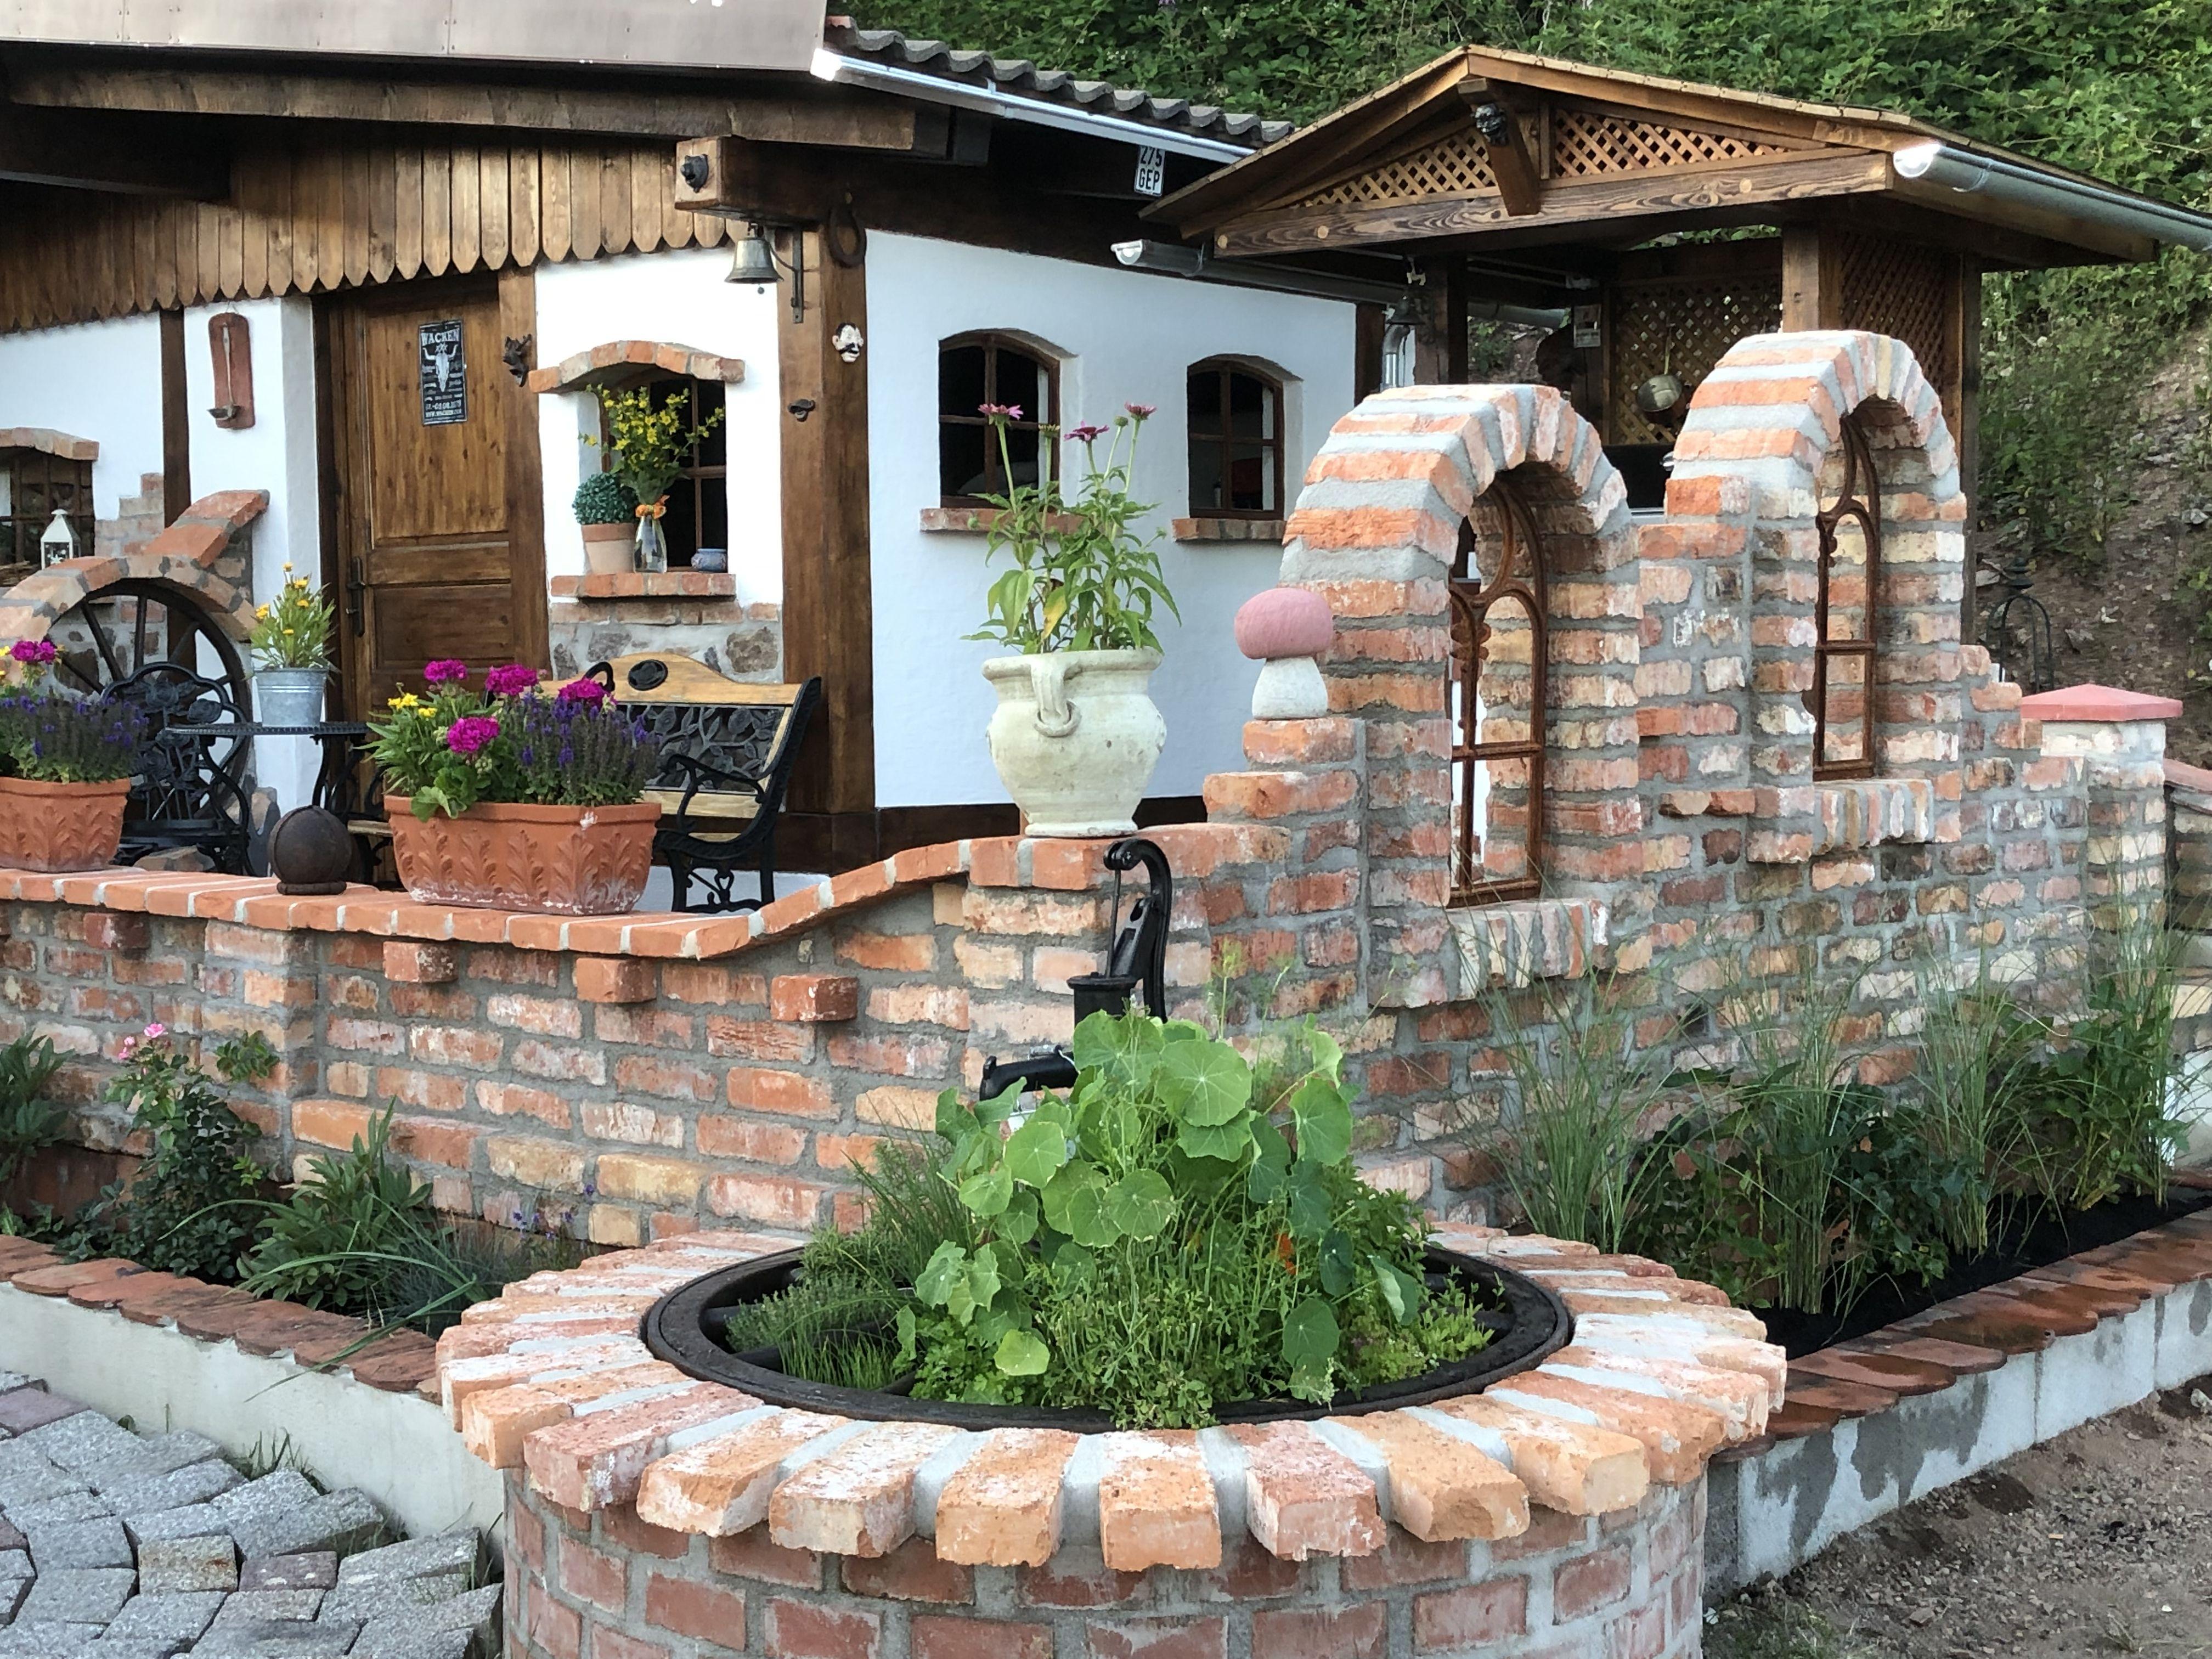 Gartenhausgestaltung Stone Cottages Patio Garden